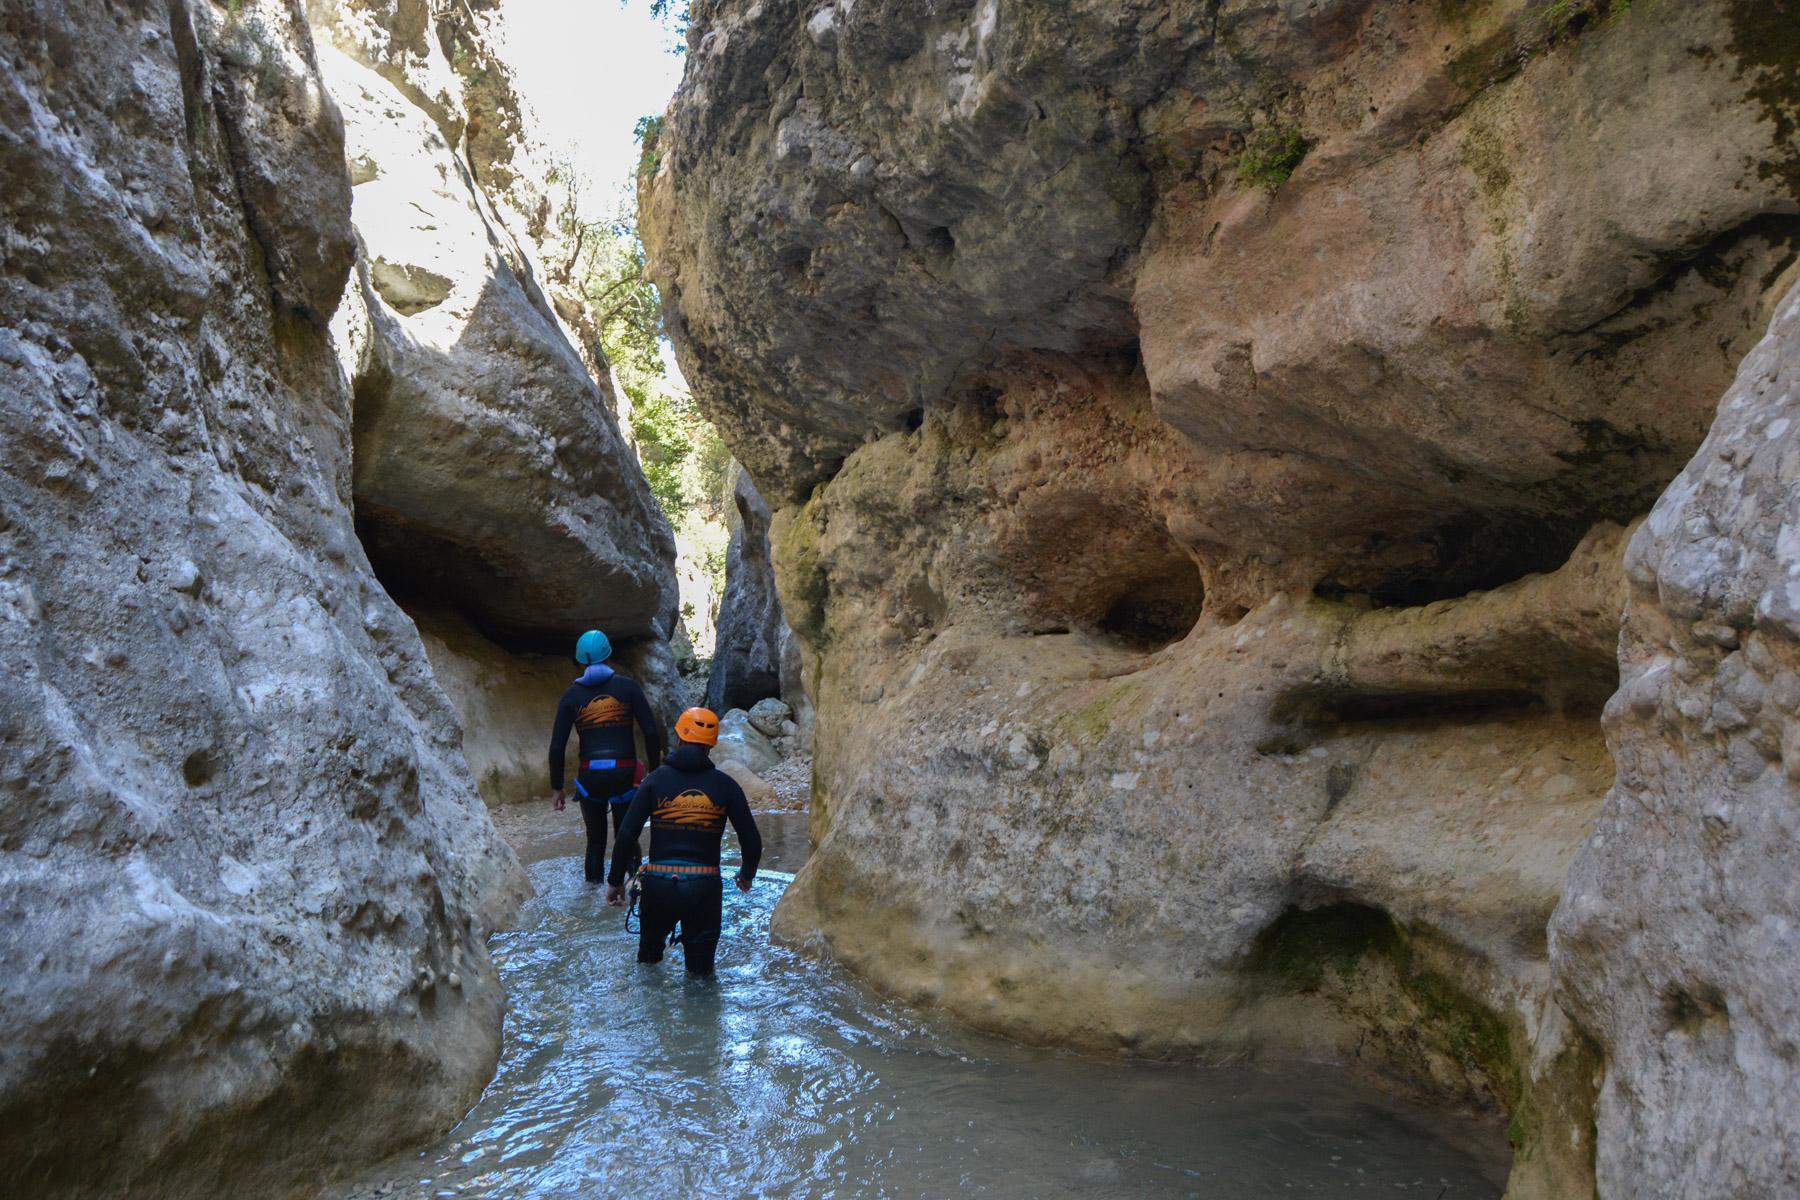 Barranco del Formiga, Sierra de Guara 21